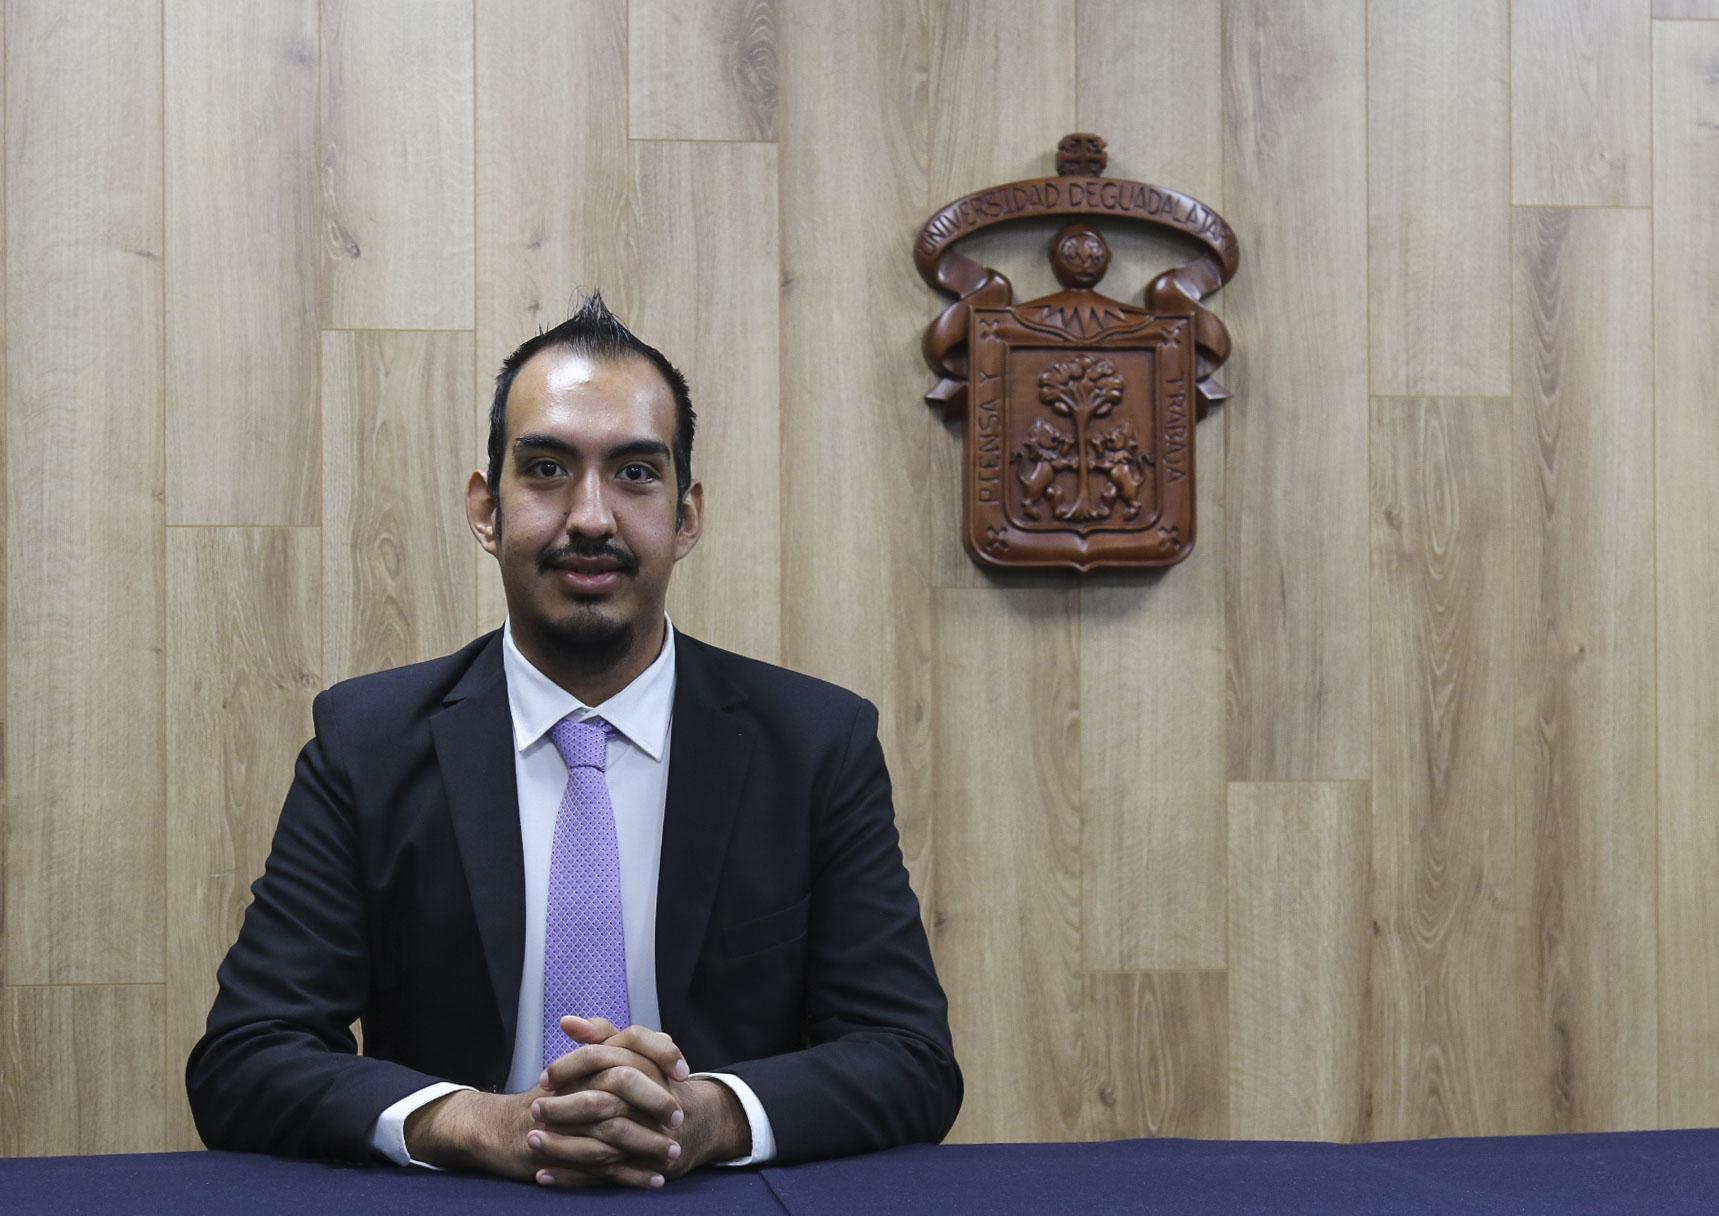 foto individual del ganador del premio en la categoría laboral